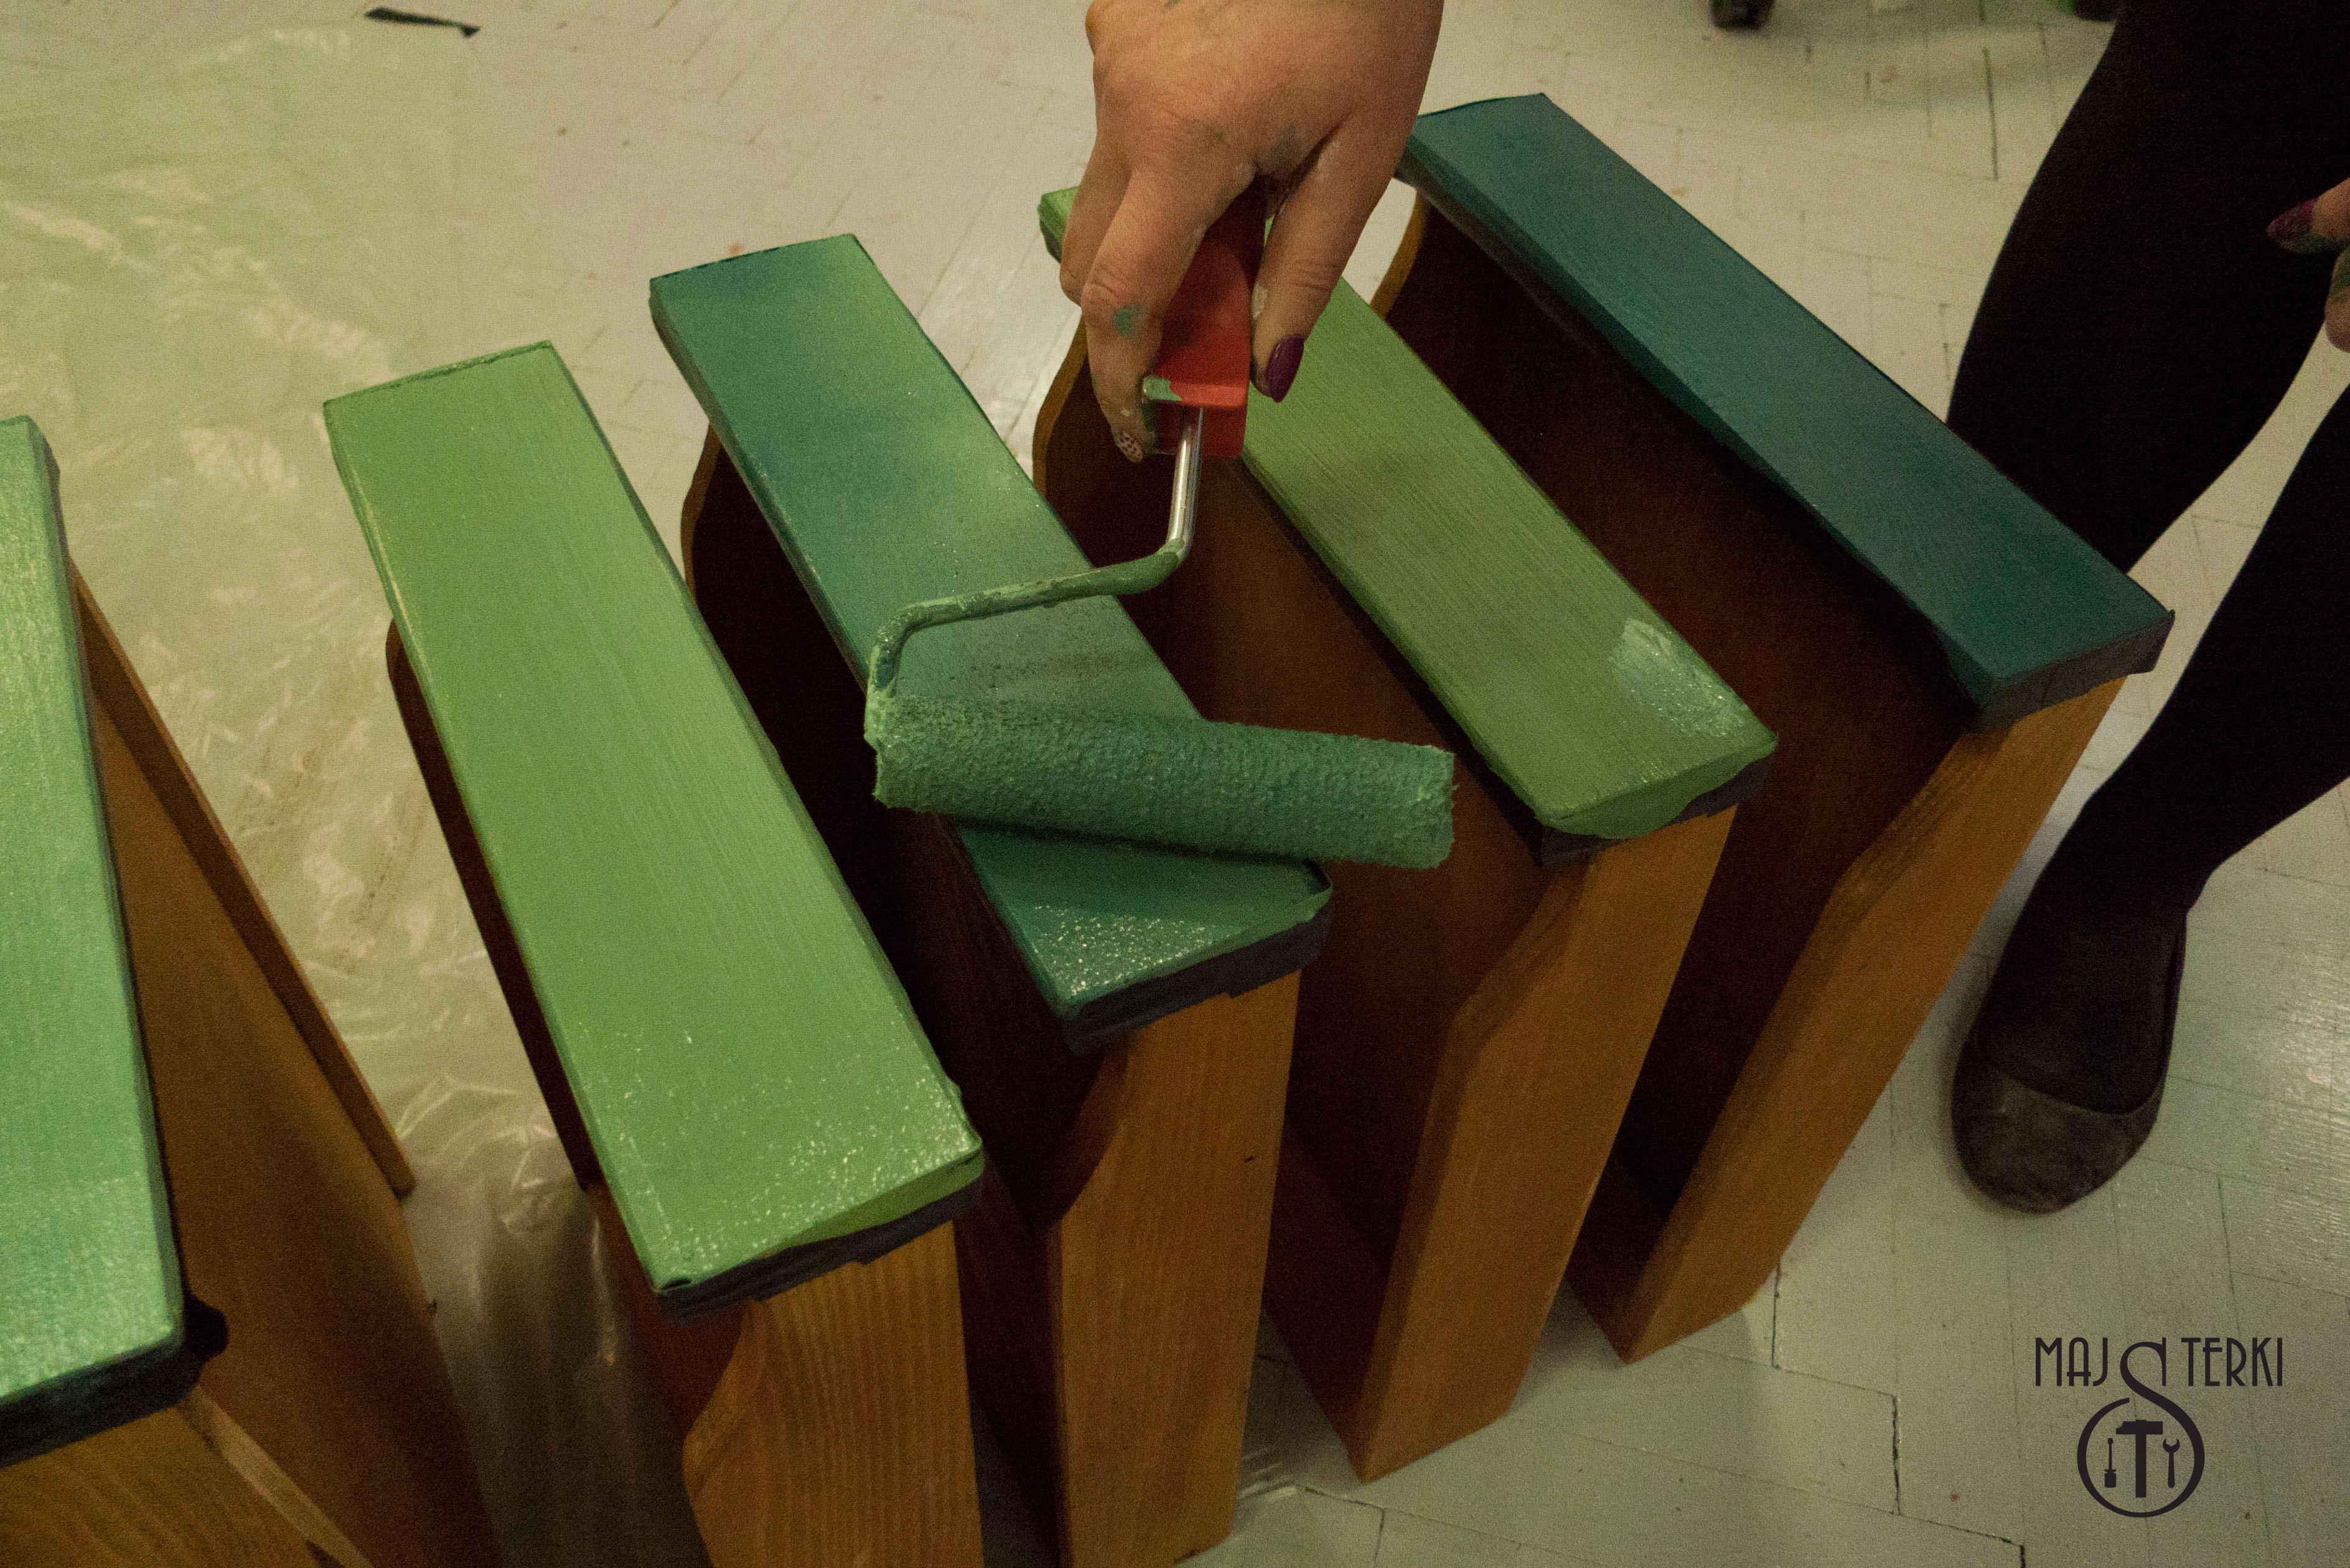 biurko-malowanie